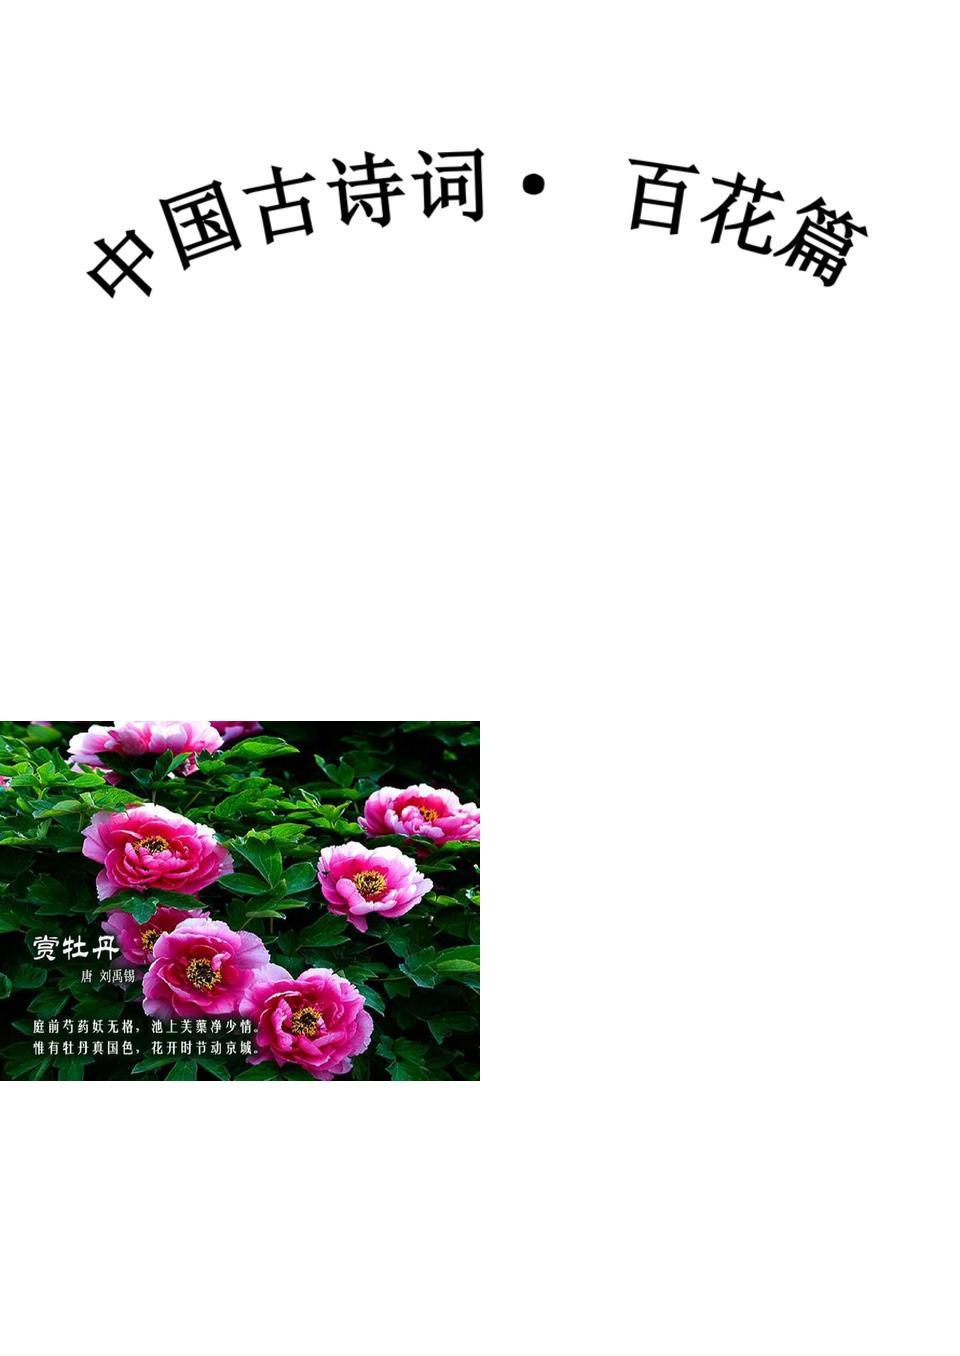 中国古诗词-百花篇(赏心悦目).ppt